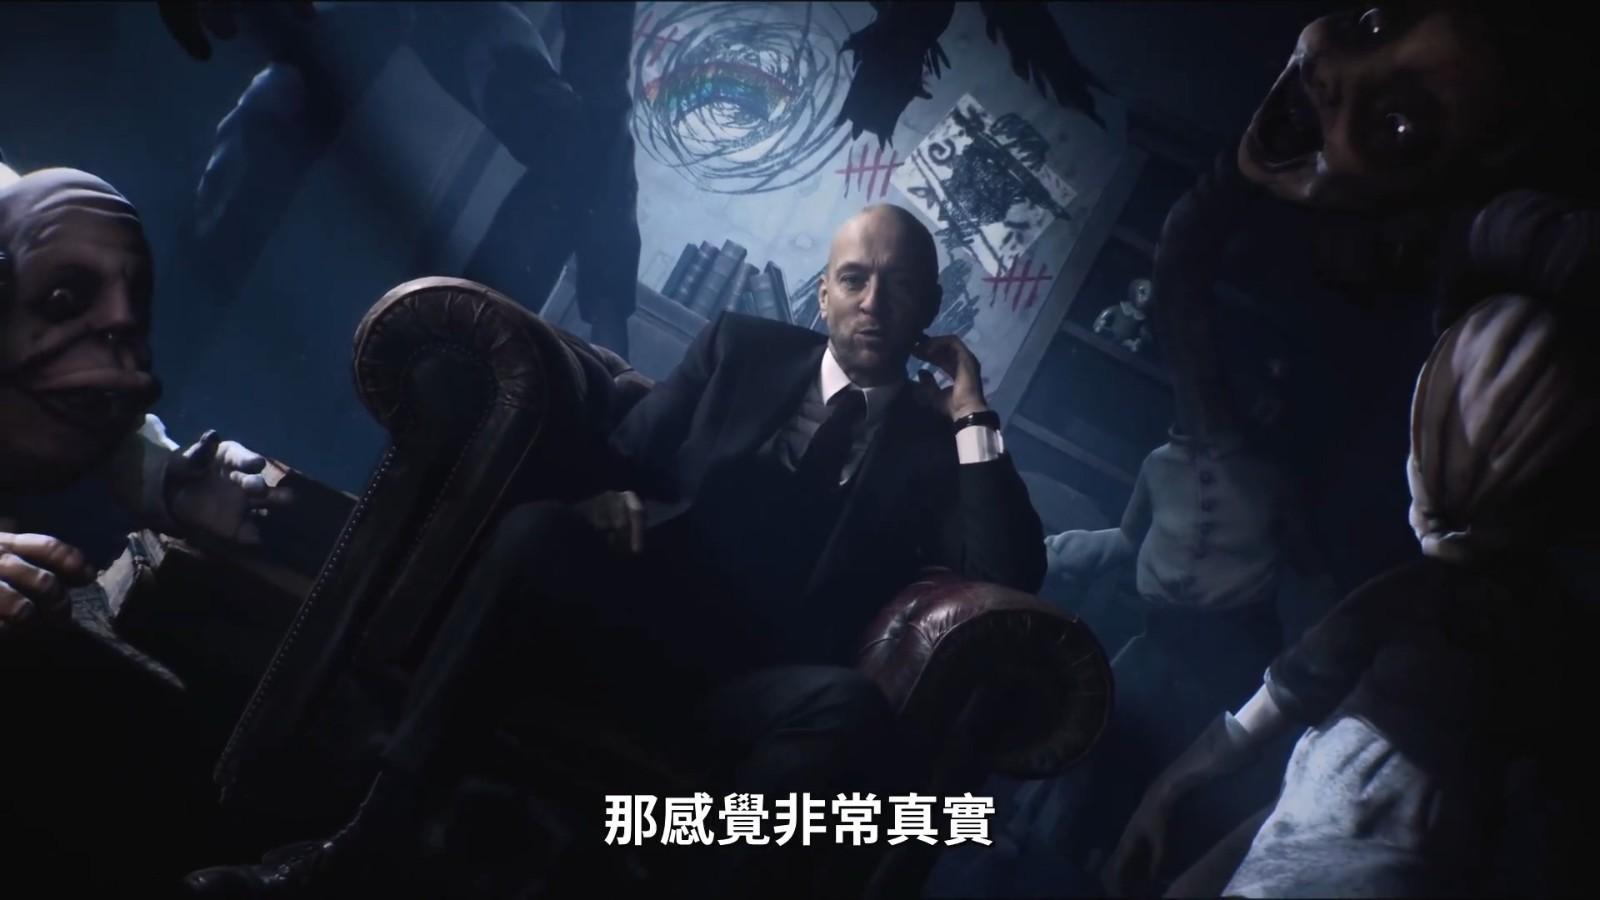 《小小梦魇2》中文版30秒宣传片 达伦.布朗聊梦魇